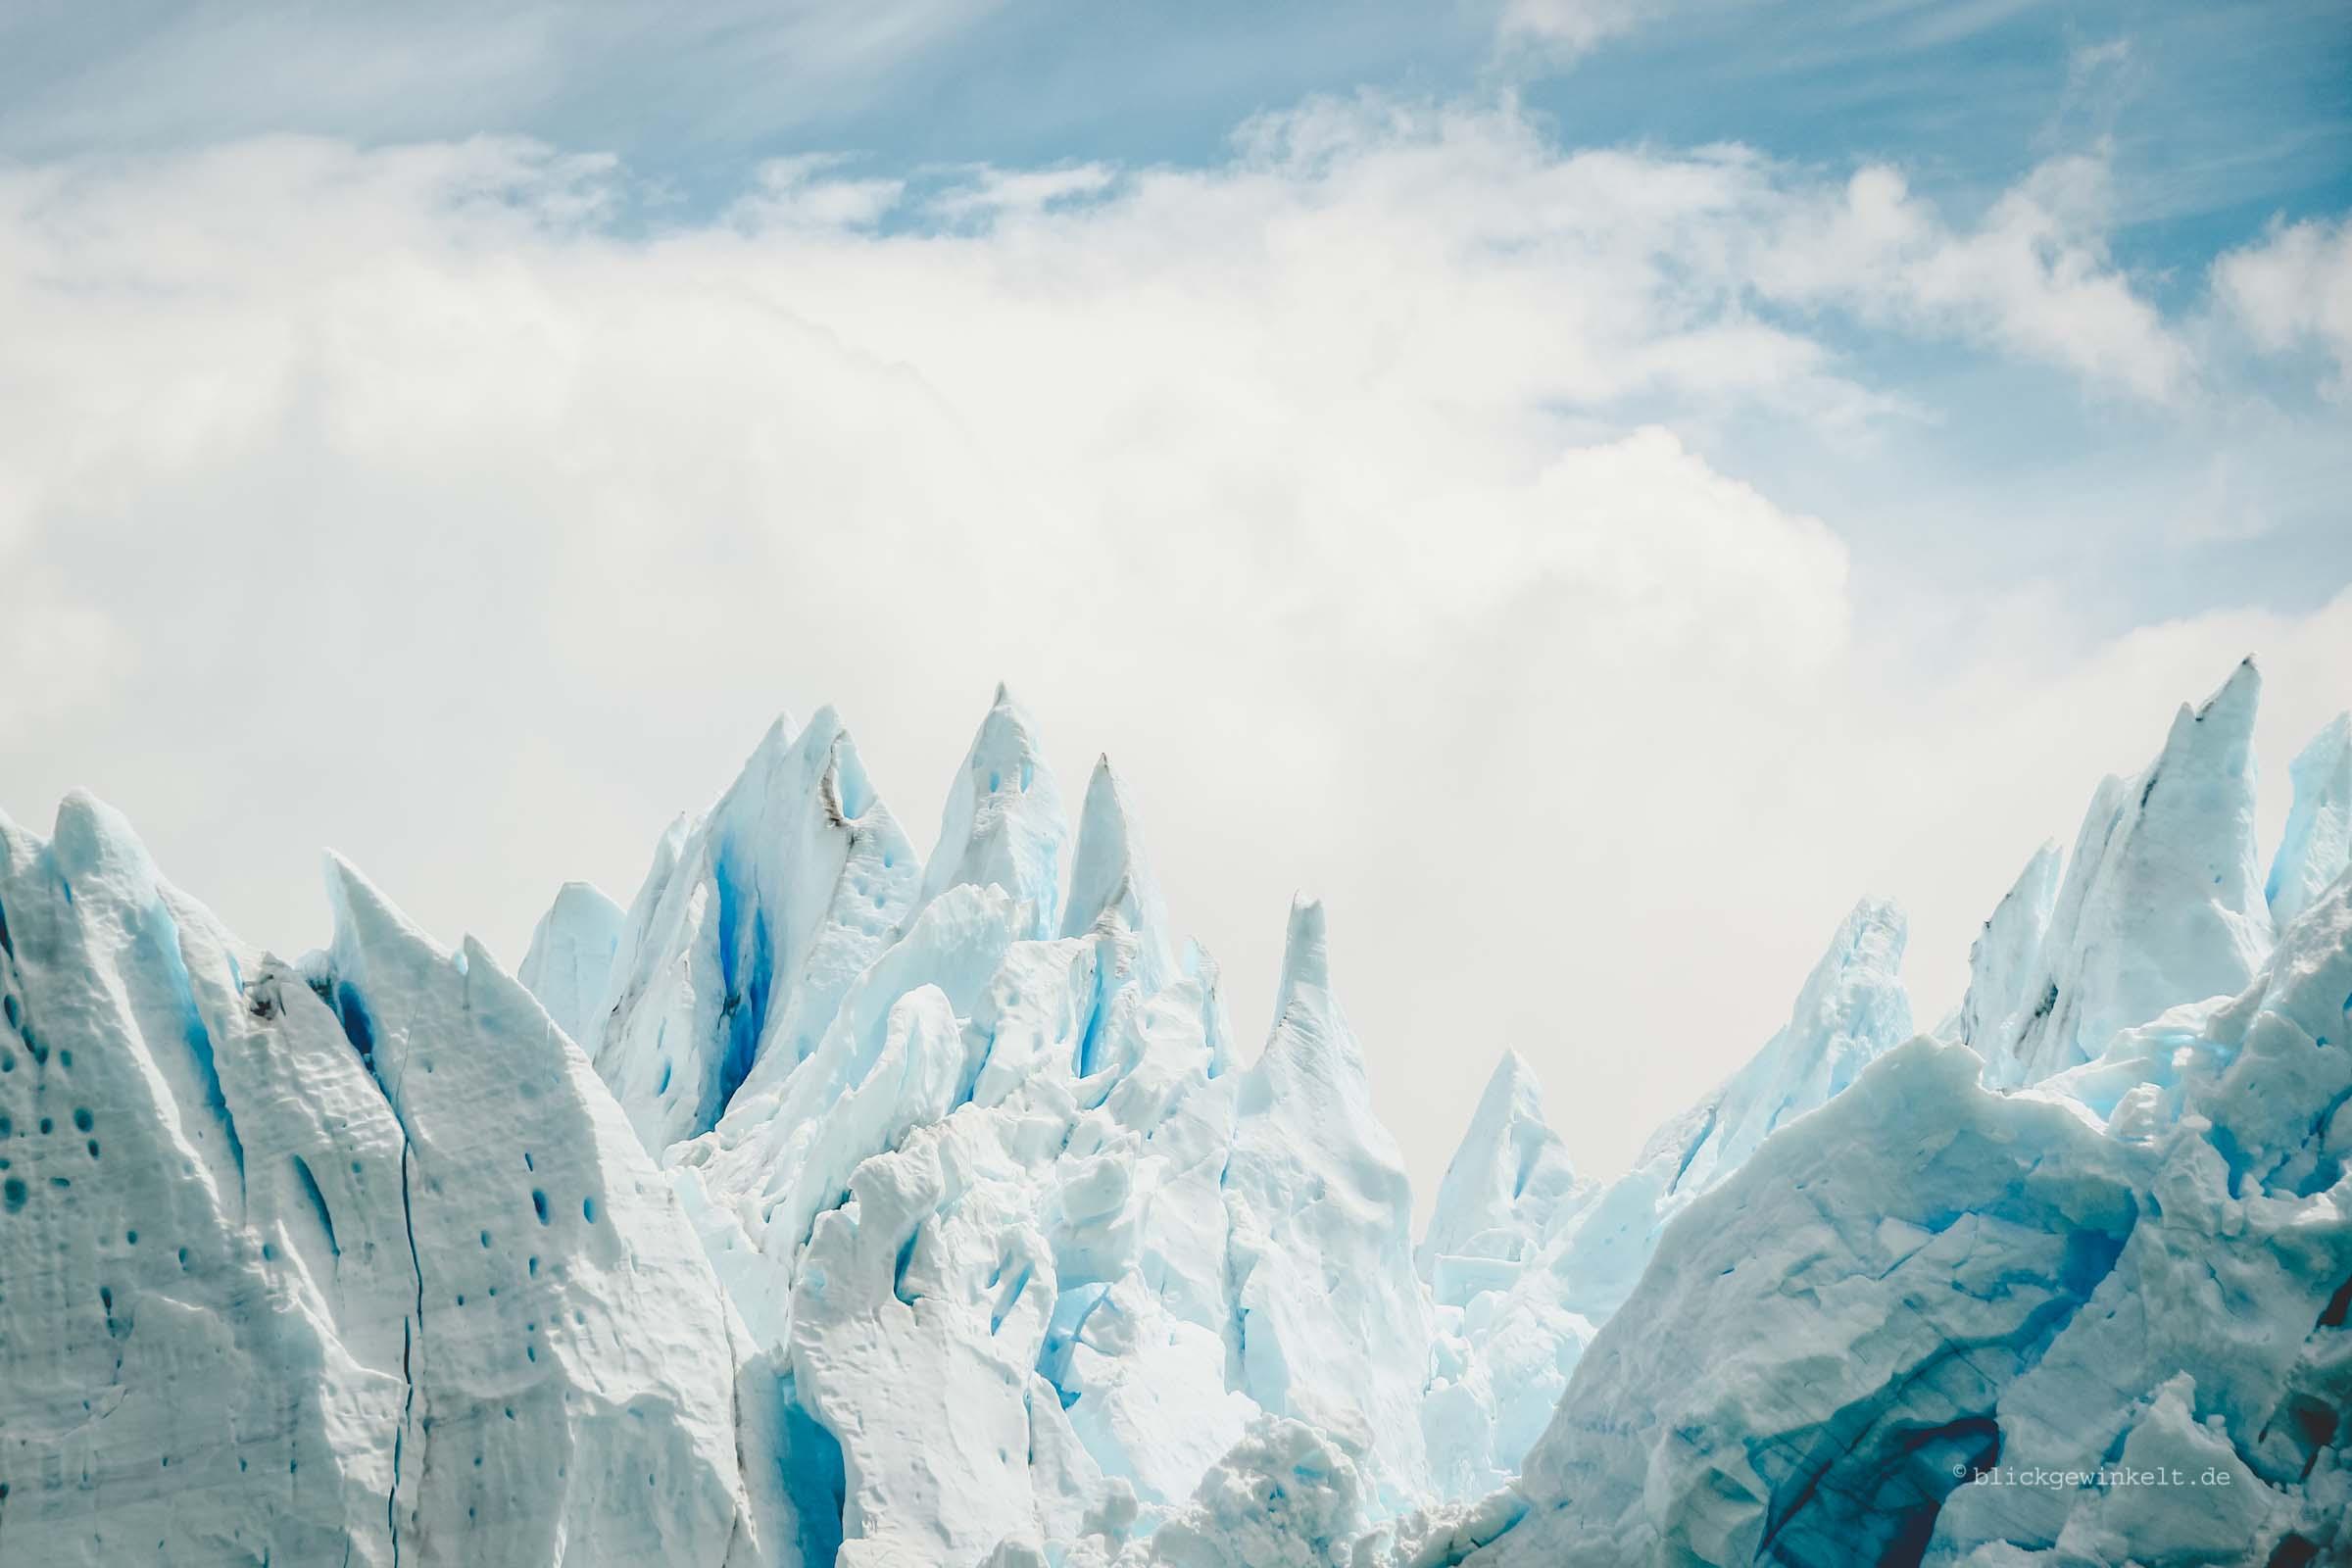 Himmel und Eis: beides leuchtet blau und weiß